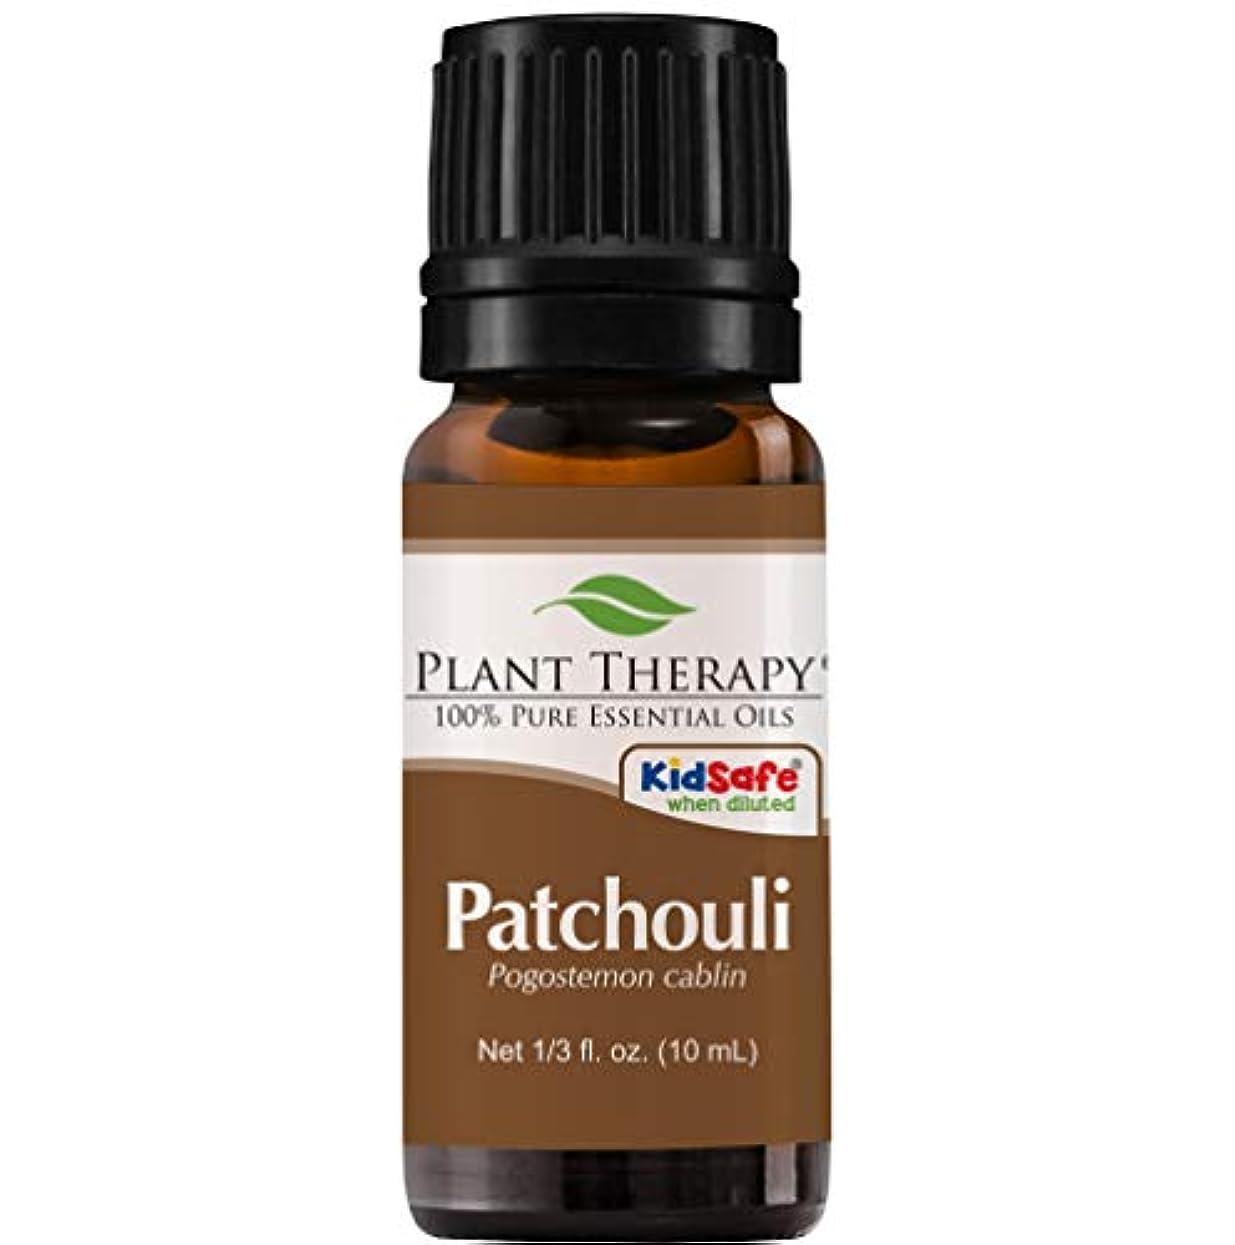 確実ワゴンスクレーパーPlant Therapy Essential Oils (プラントセラピー エッセンシャルオイル) パチョリ エッセンシャルオイル